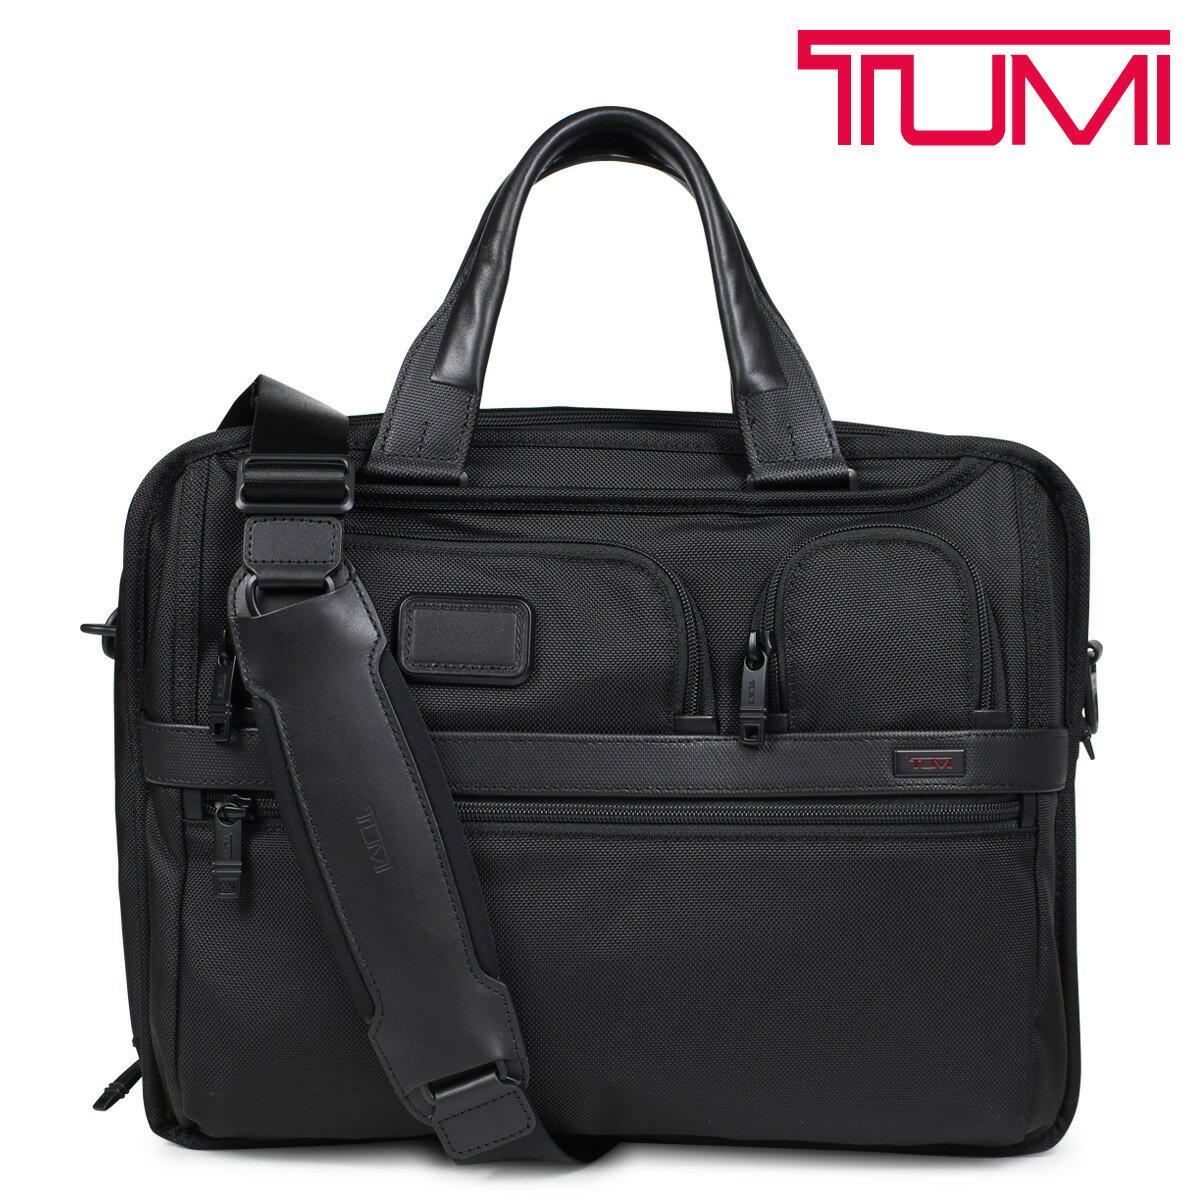 トゥミ TUMI ビジネス バッグ メンズ ALPHA2 ブリーフケース T-PASS EXPANDABLE LAPTOP BRIEF ブラック 26145D2